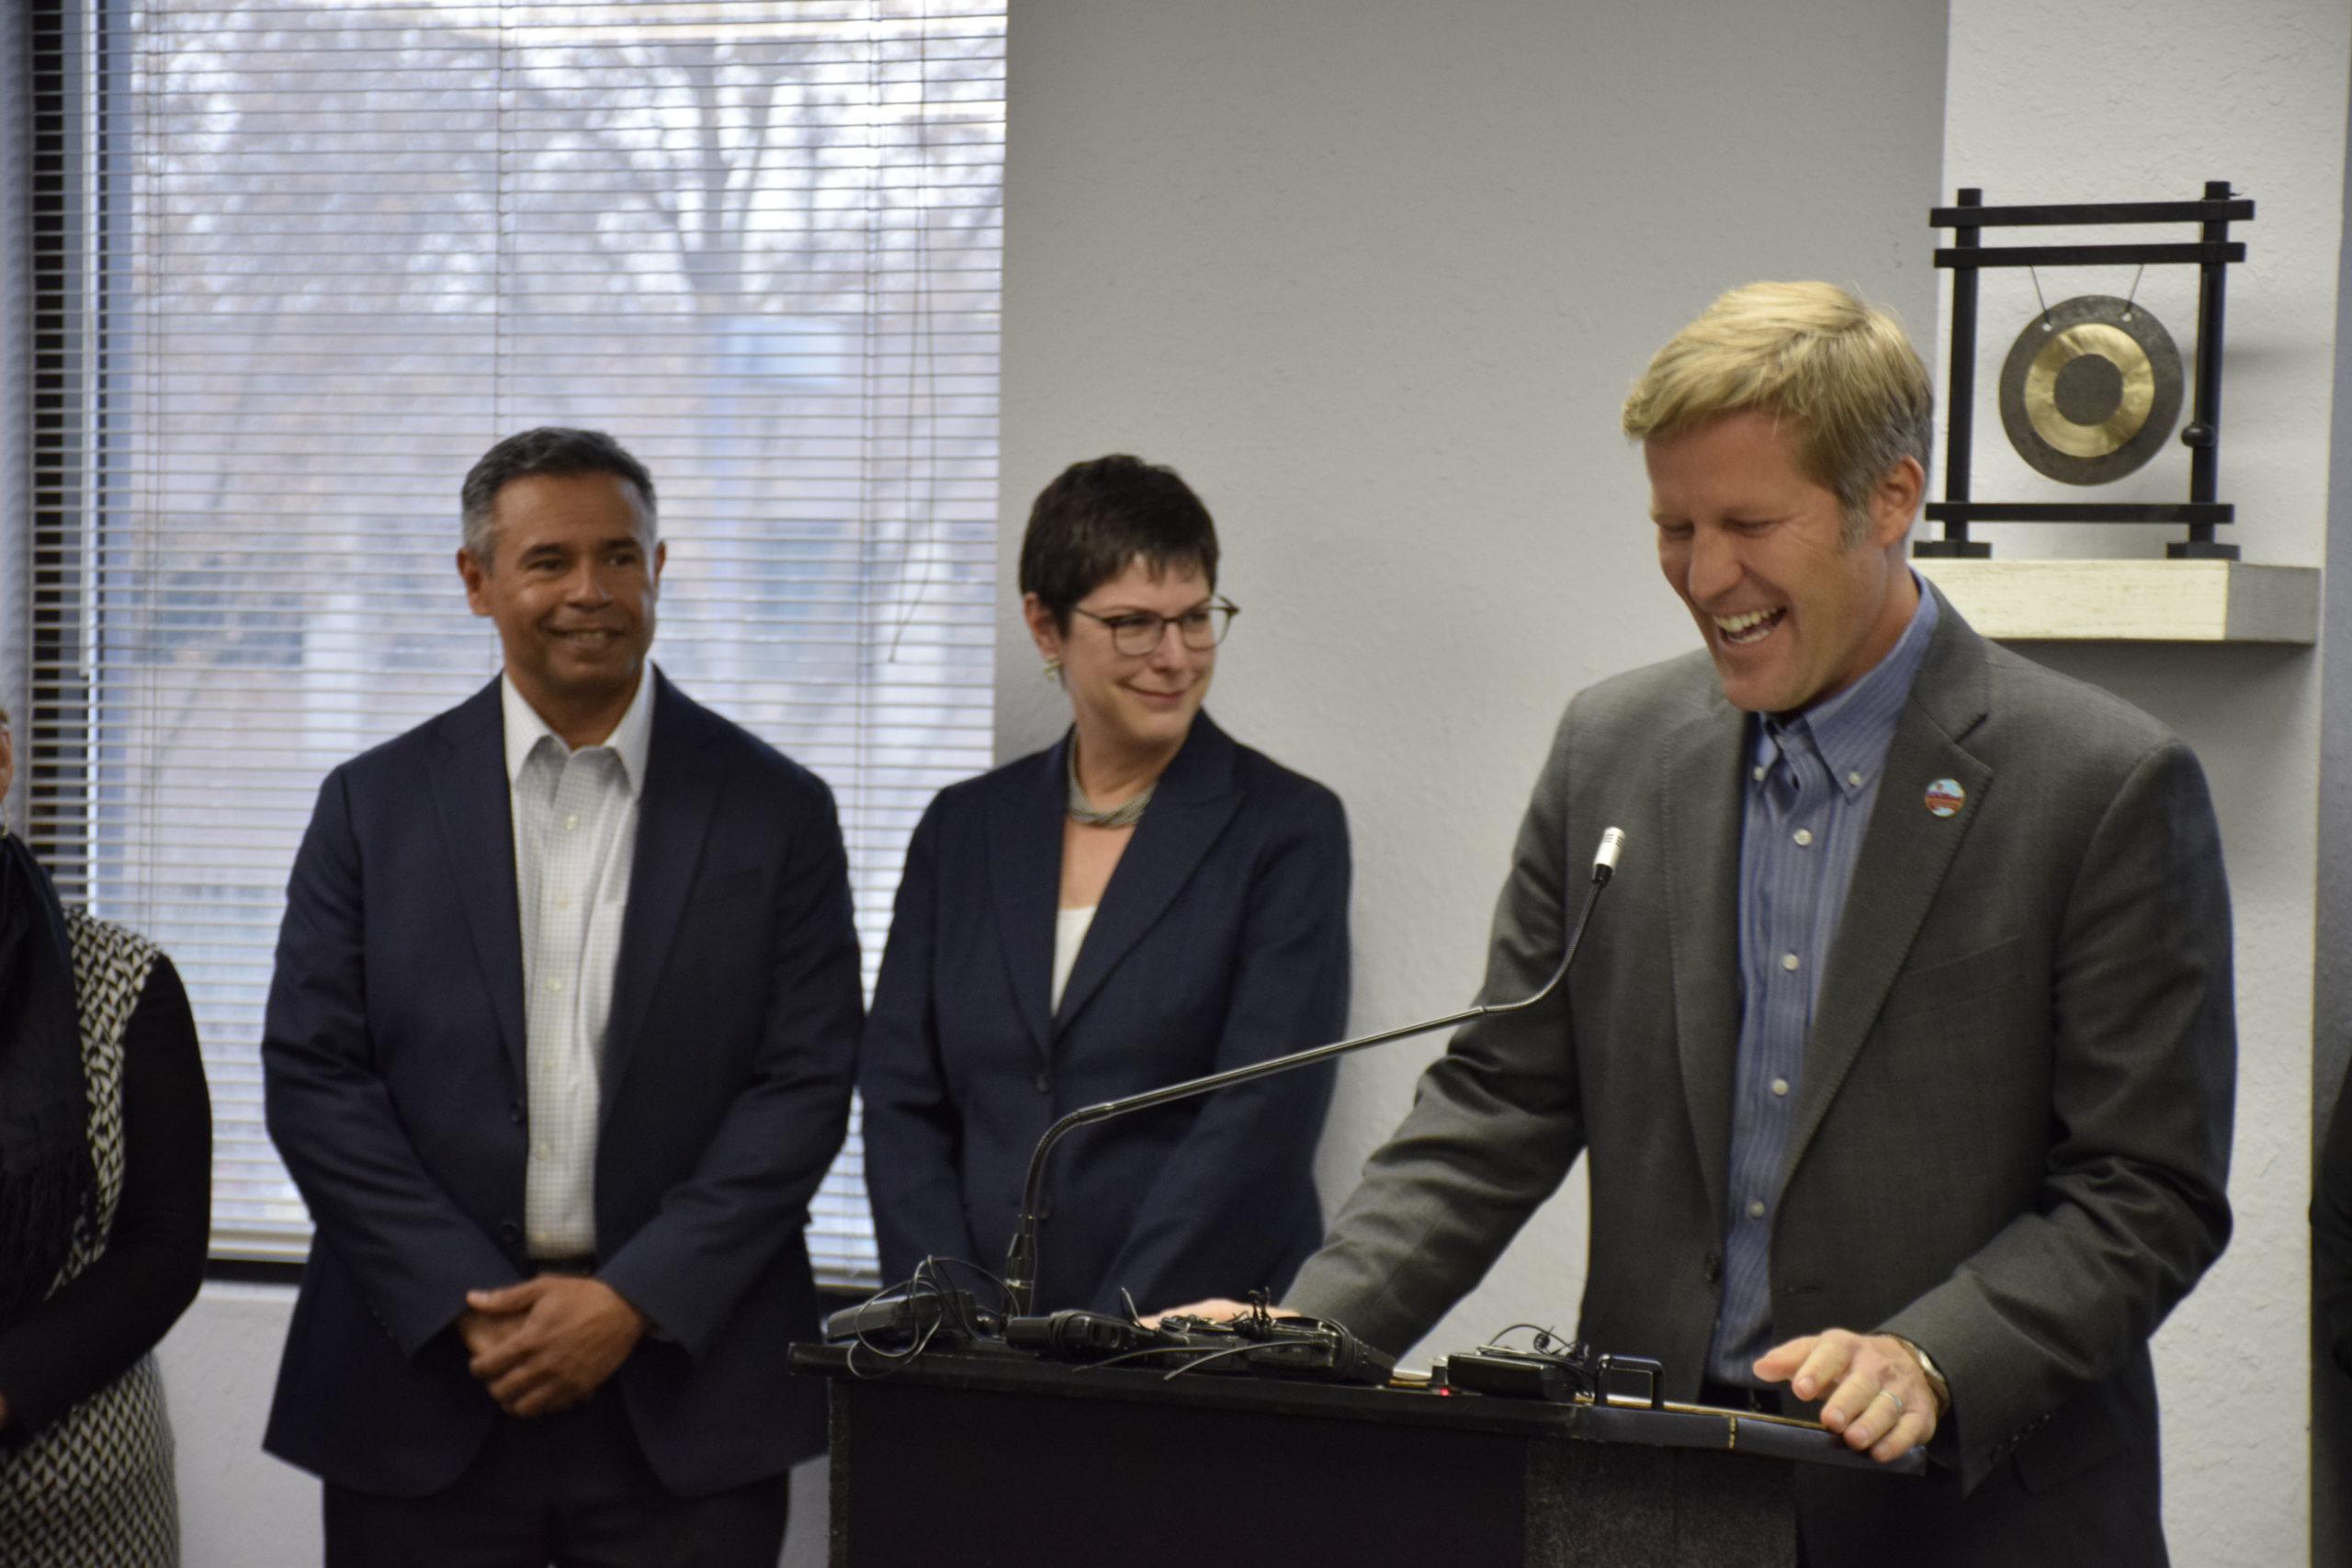 Mayor Tim Keller, Tracy L. Hartzler, Nick Truyol